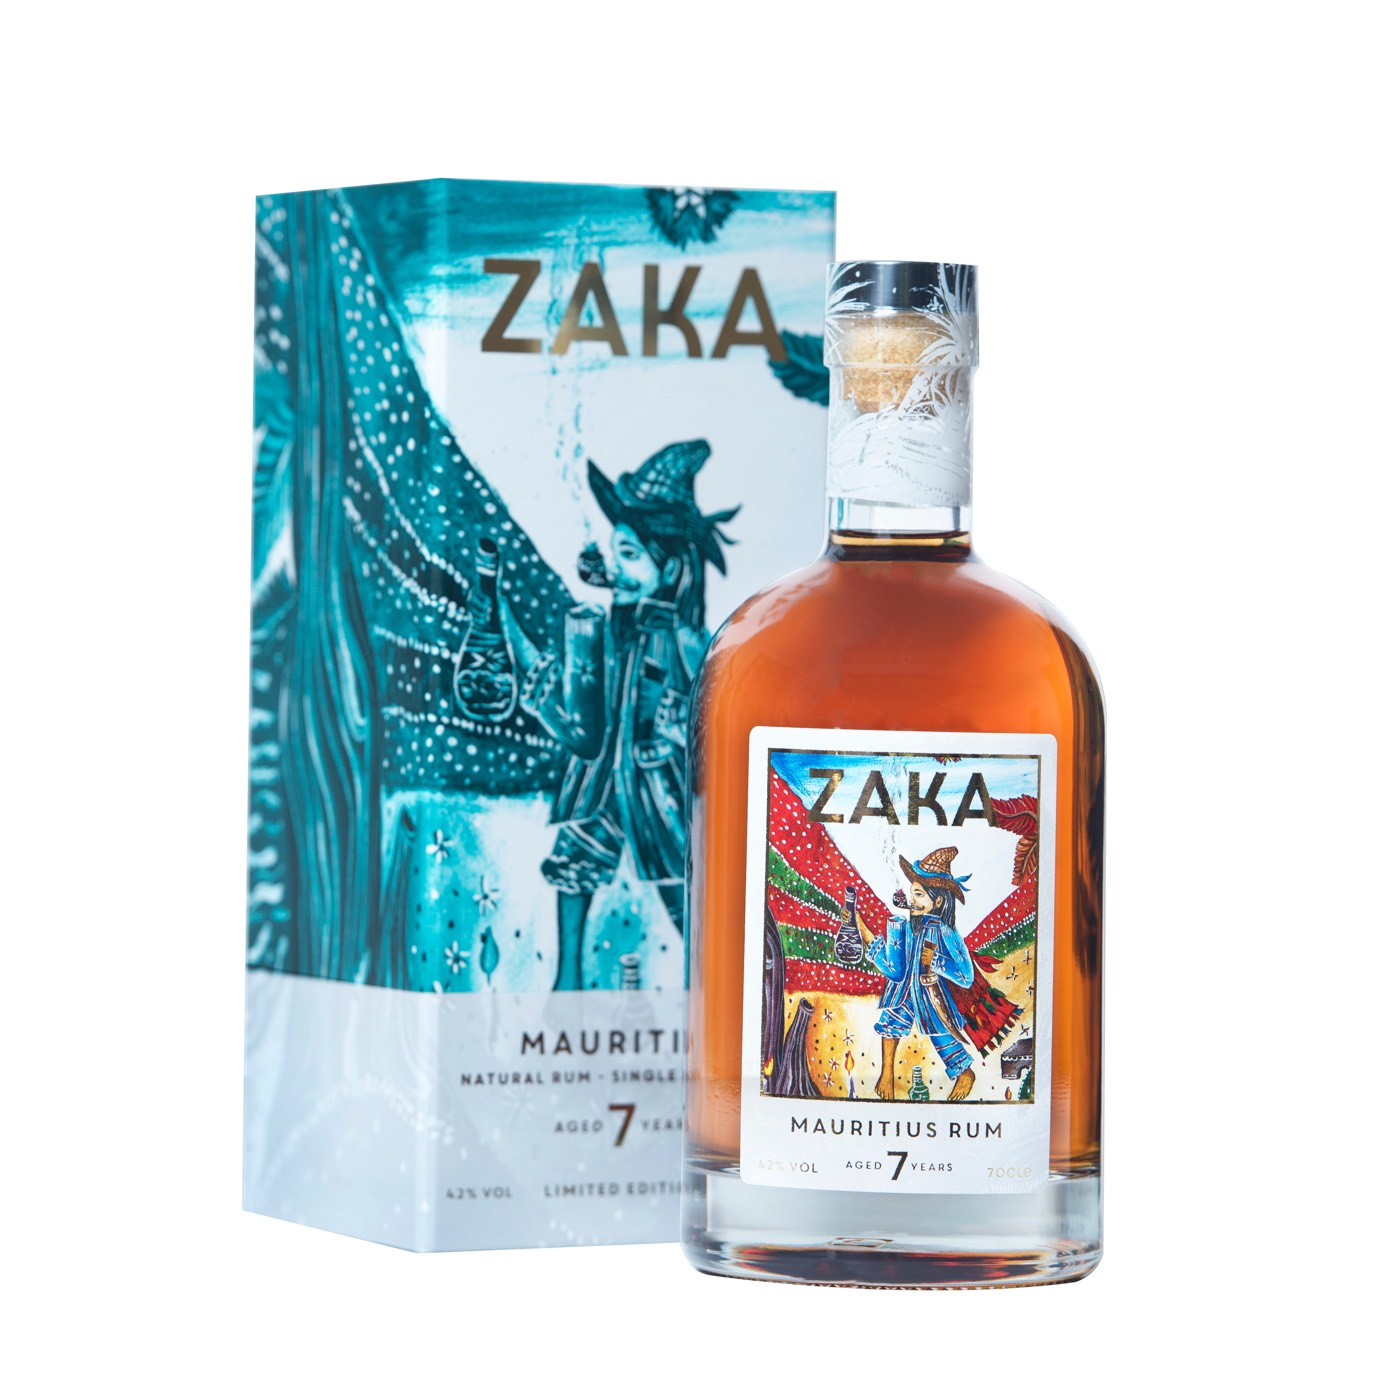 Bottle image of Zaka Mauritius